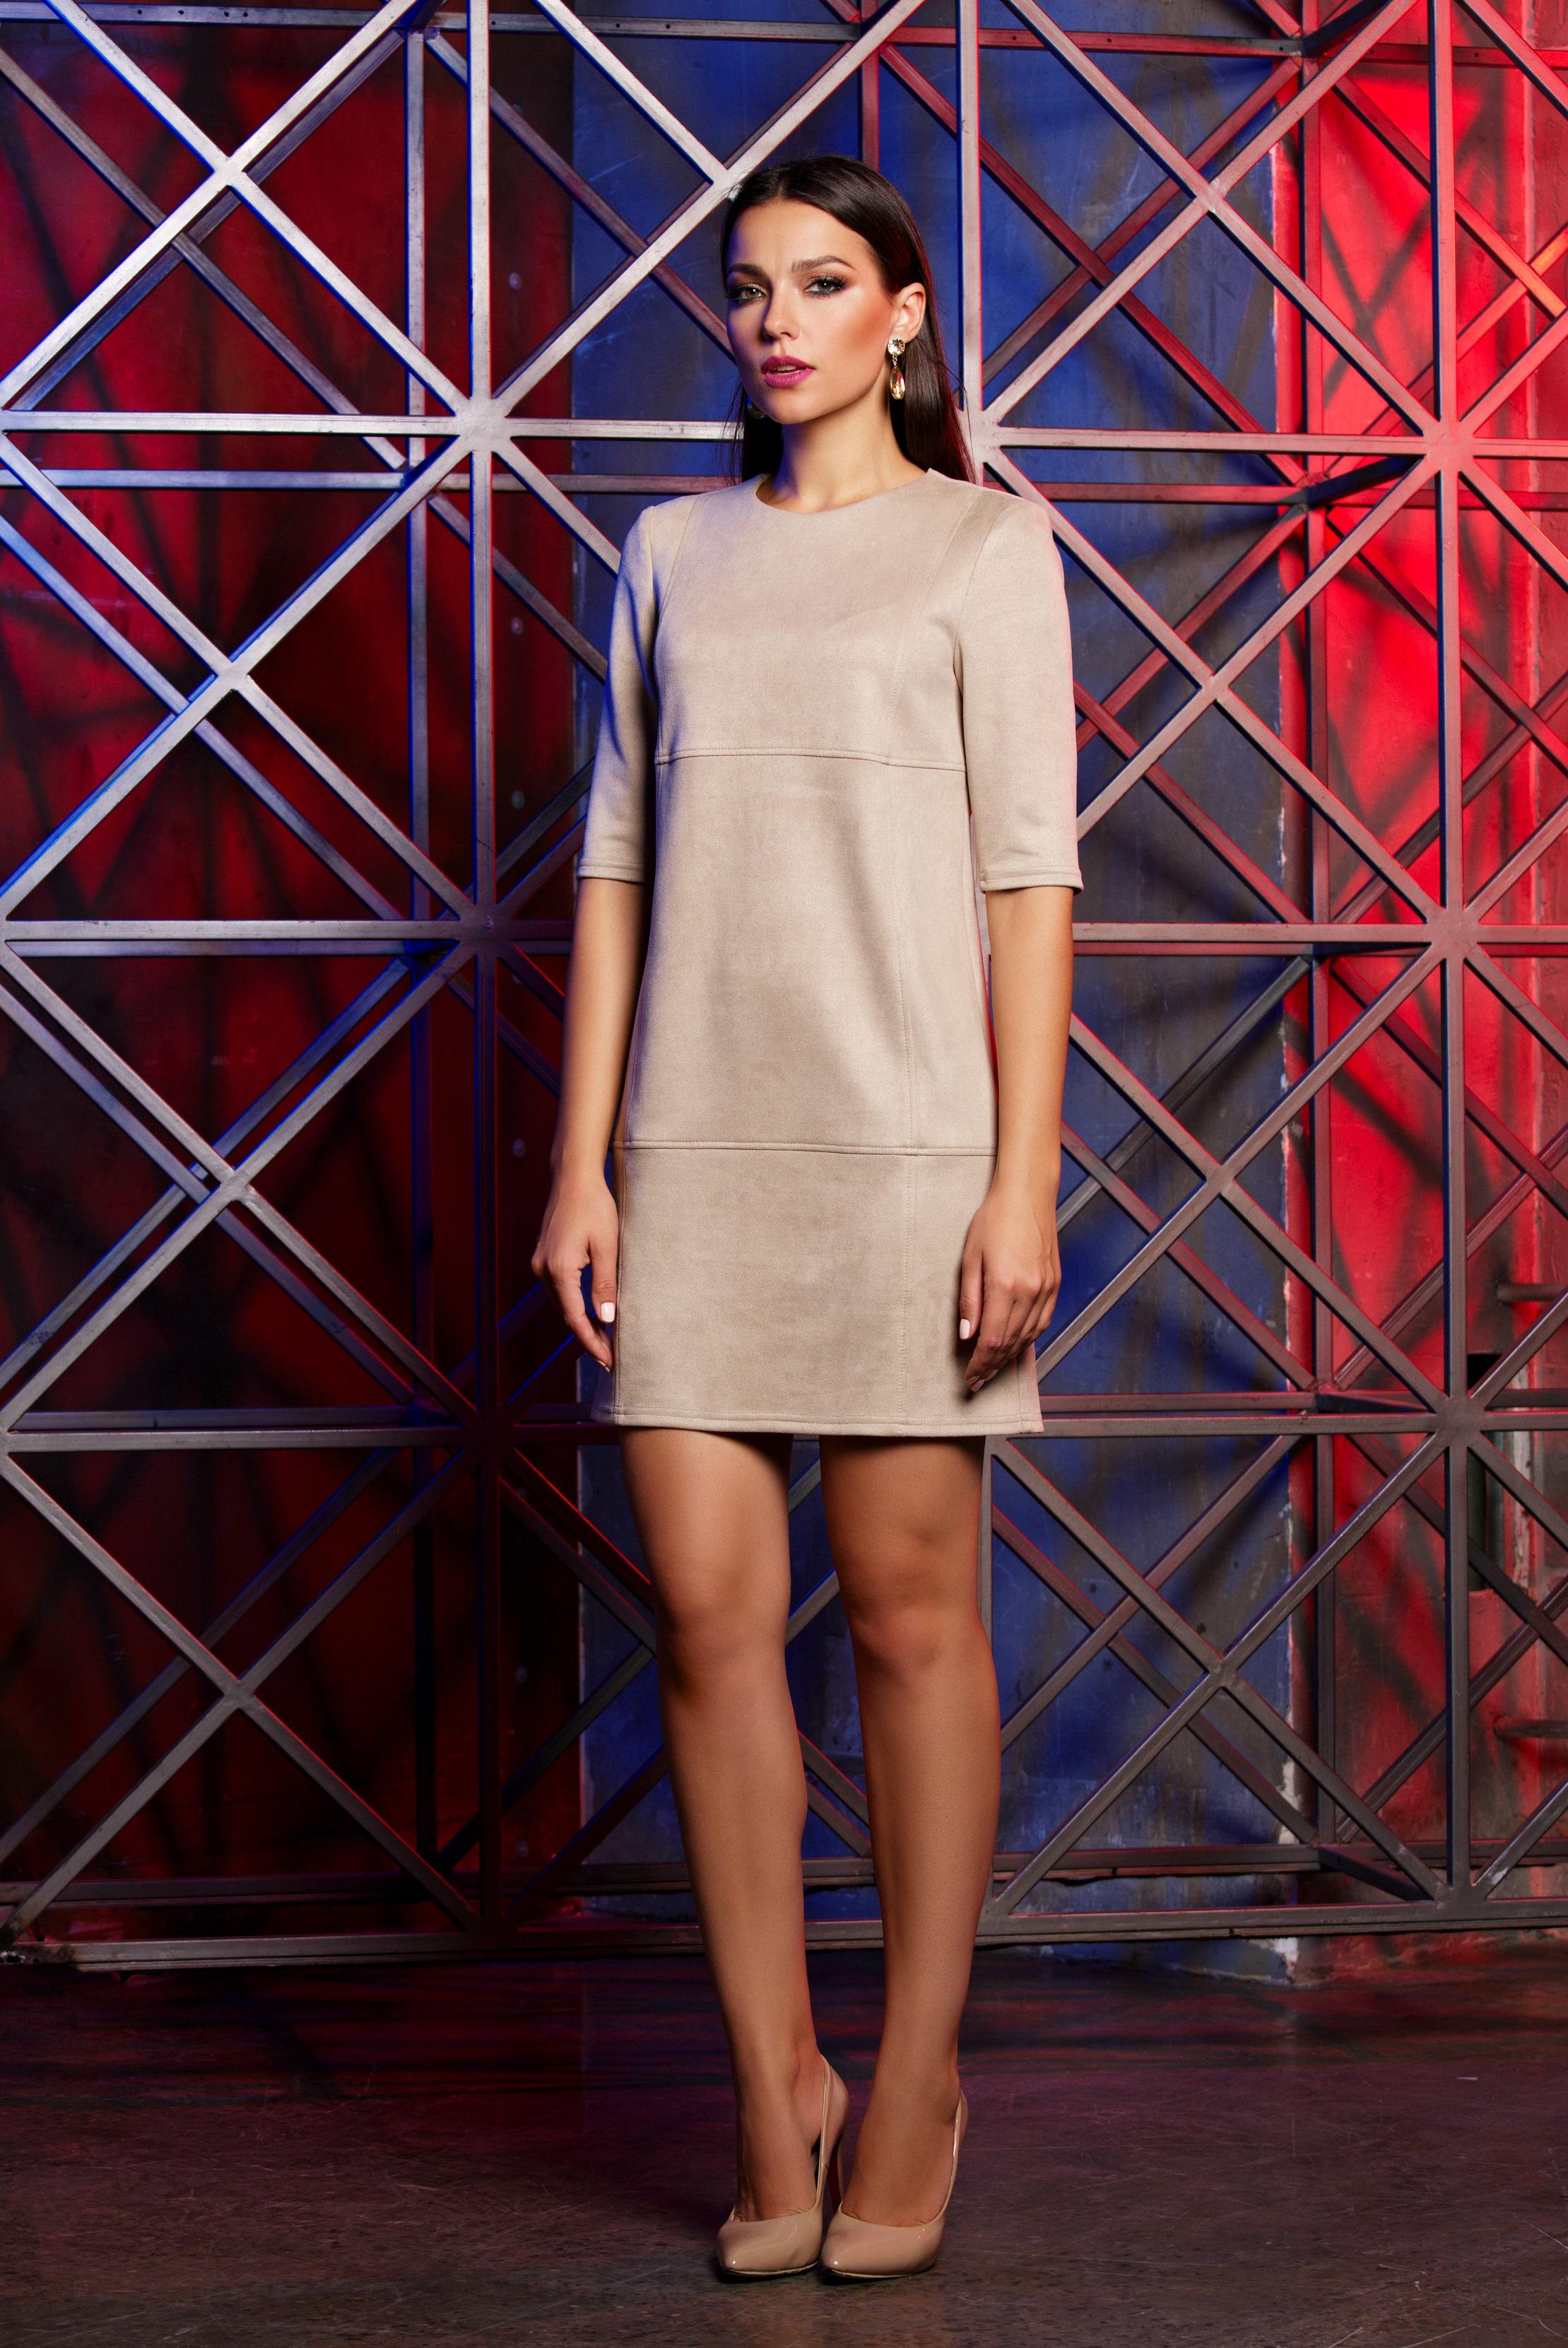 Сбор заказов. Donna Saggia -одежда для изящных модниц. Огромный выбор стильных платьев, юбок, блузок! Шикарная новая